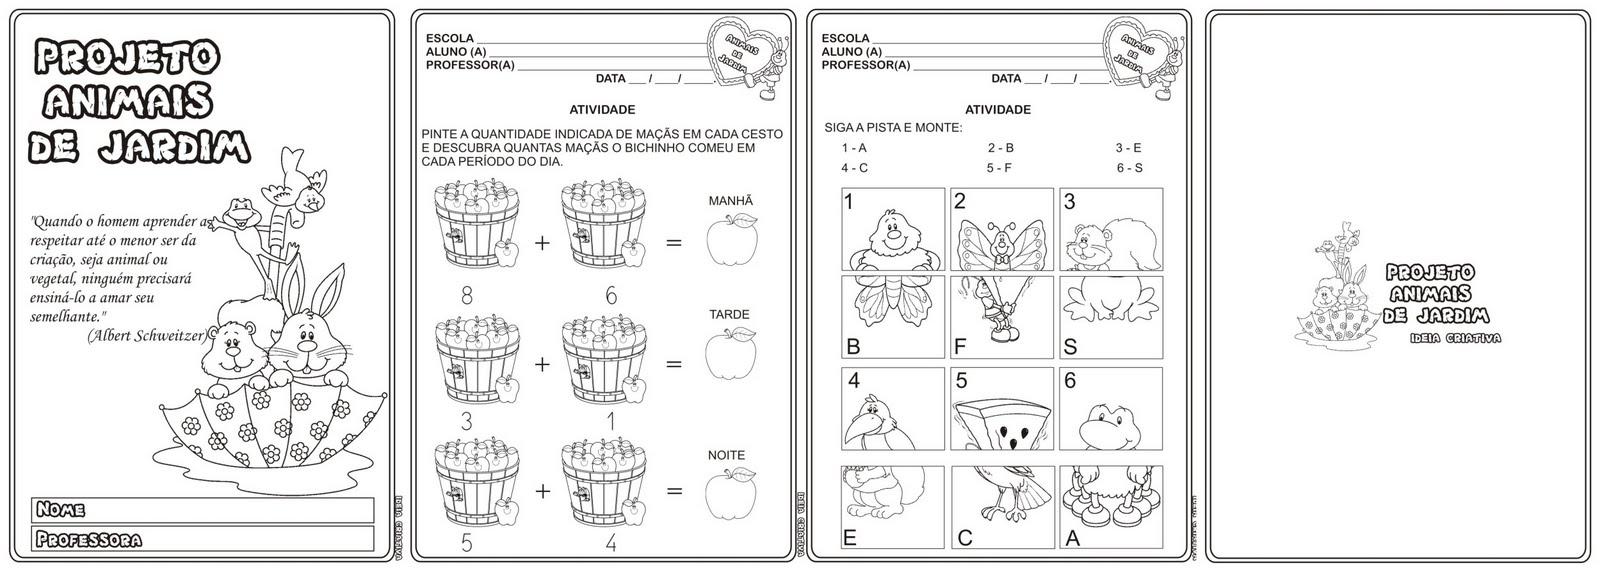 atividades alfabetizacao jardim horta pomar:Loja Ideia Criativa: Caderno de Atividades Projeto Animais de Jardim